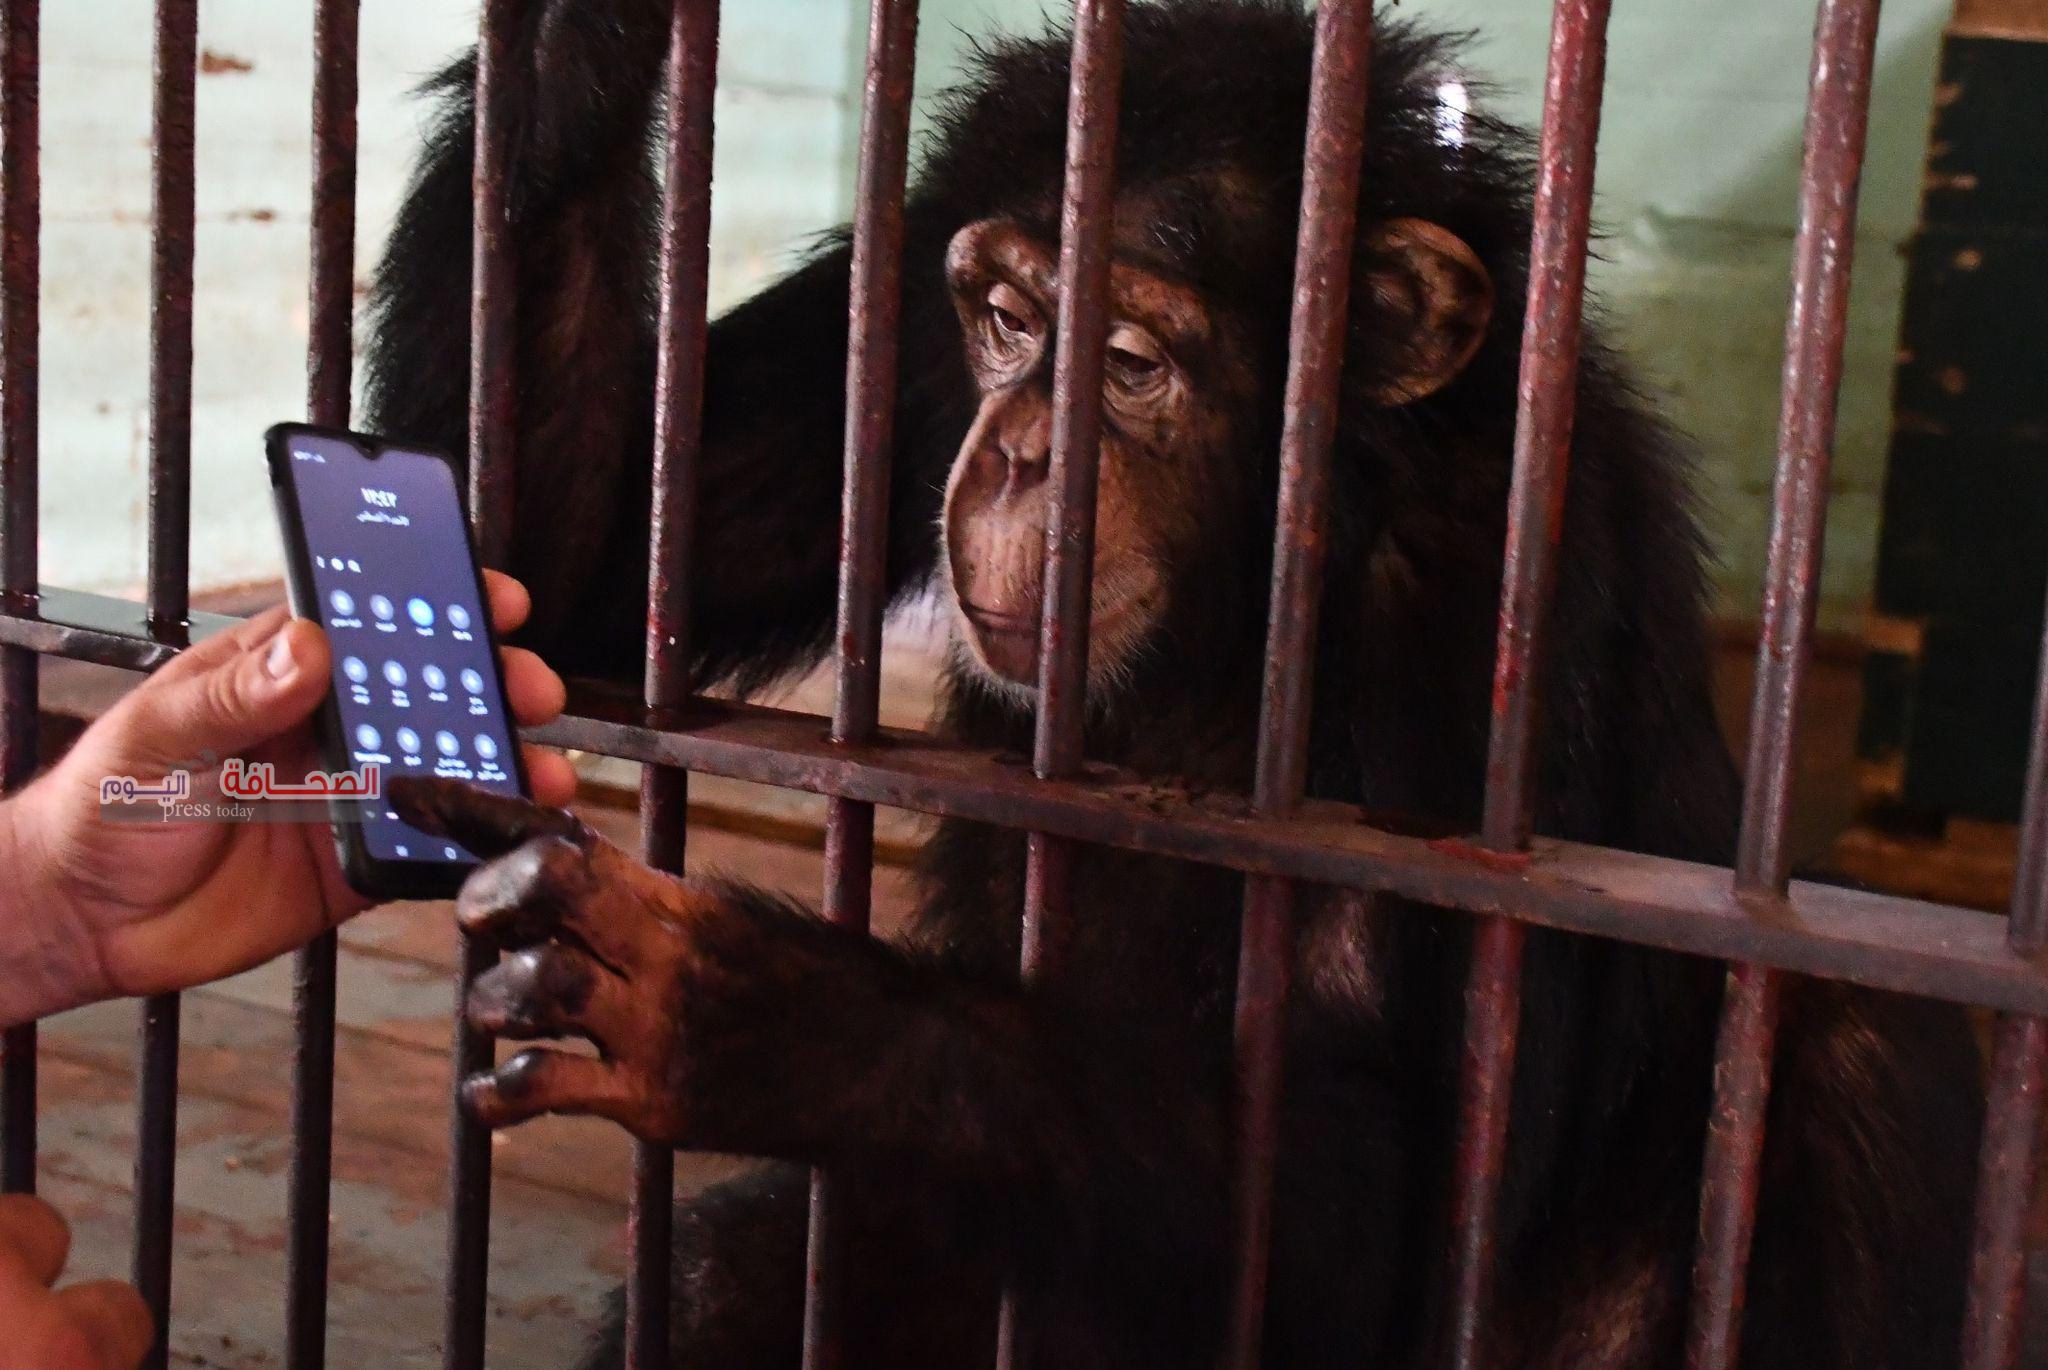 """بالصور .. الشمبانزى """"دودو""""يتصفح الفيس بوك مع حارسه الخاص"""